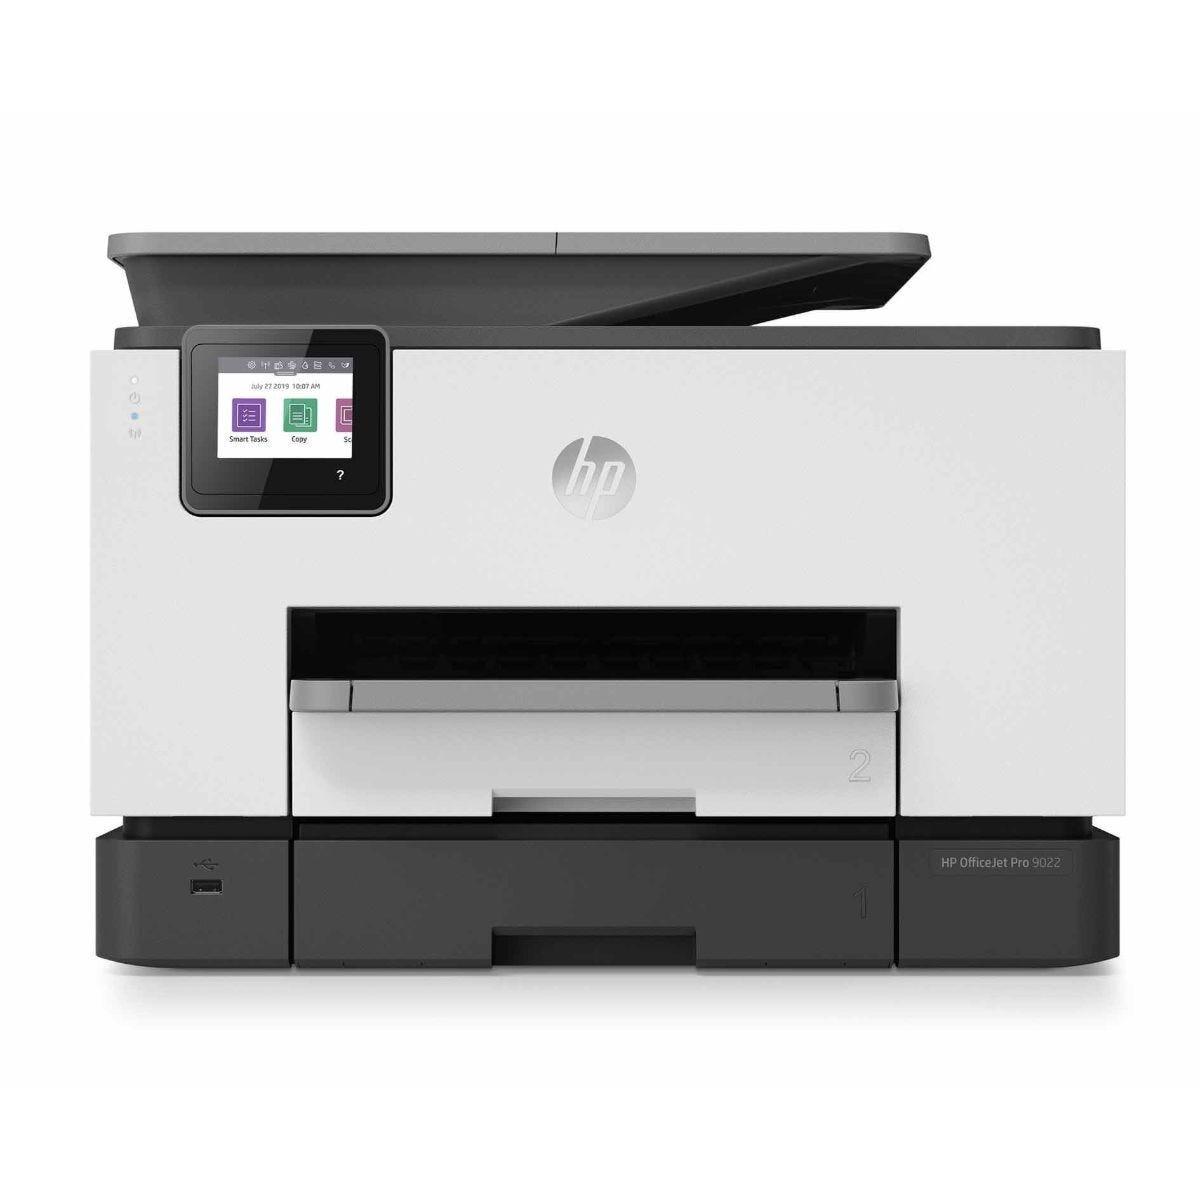 HP OfficeJet Pro 9022 All-in-One Inkjet Printer